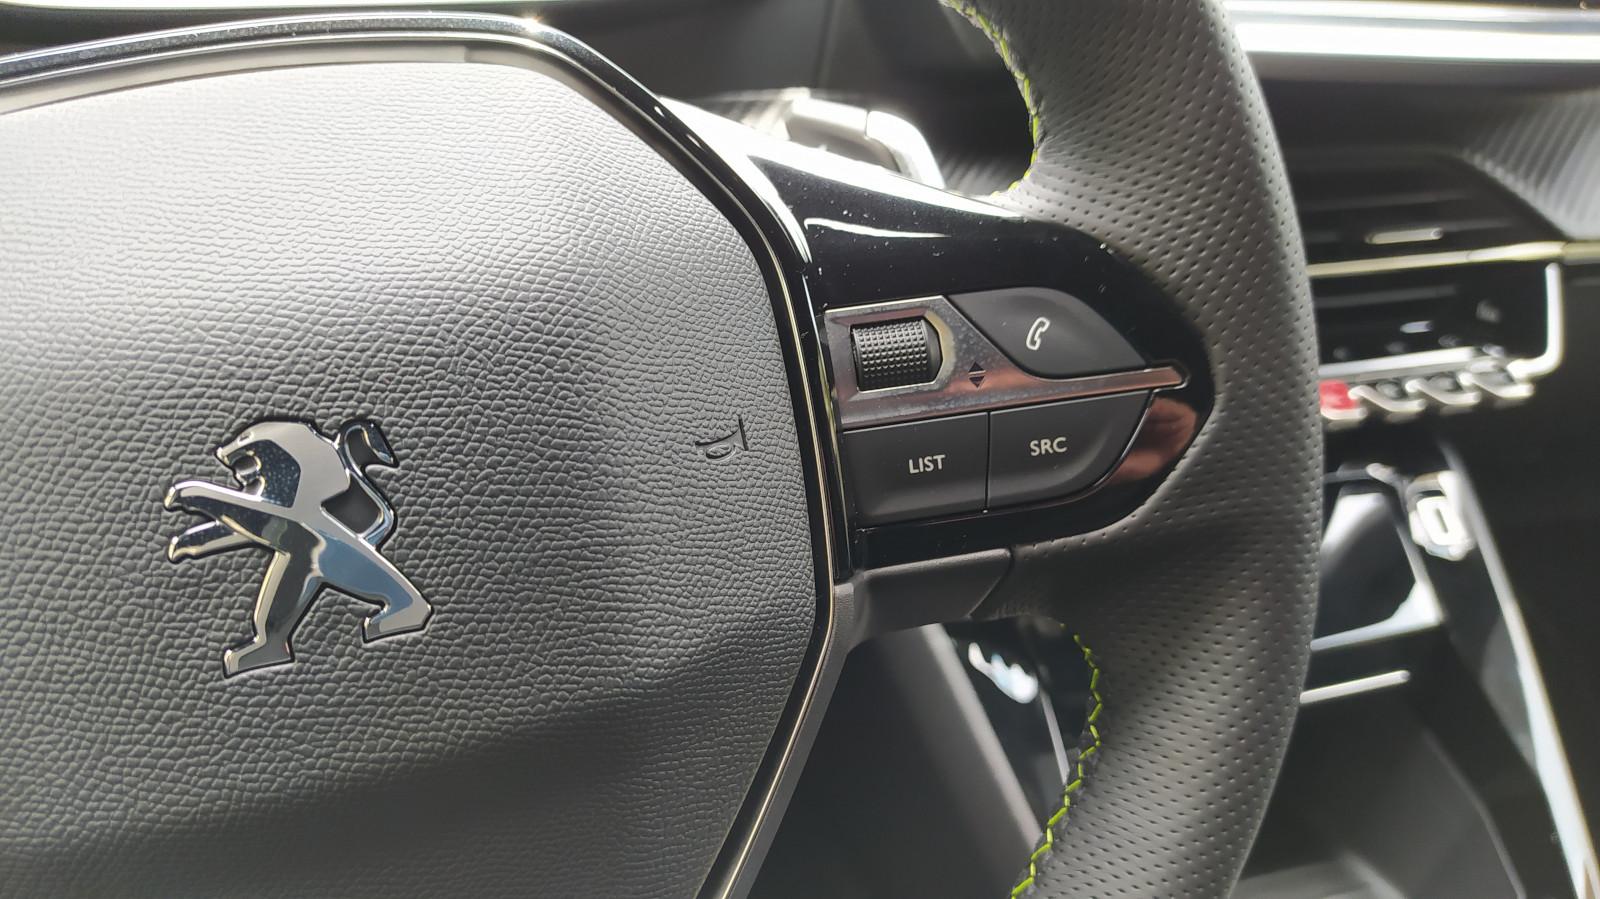 ¿Cuáles son las partes más sucias y antihigiénicas al interior de un auto?